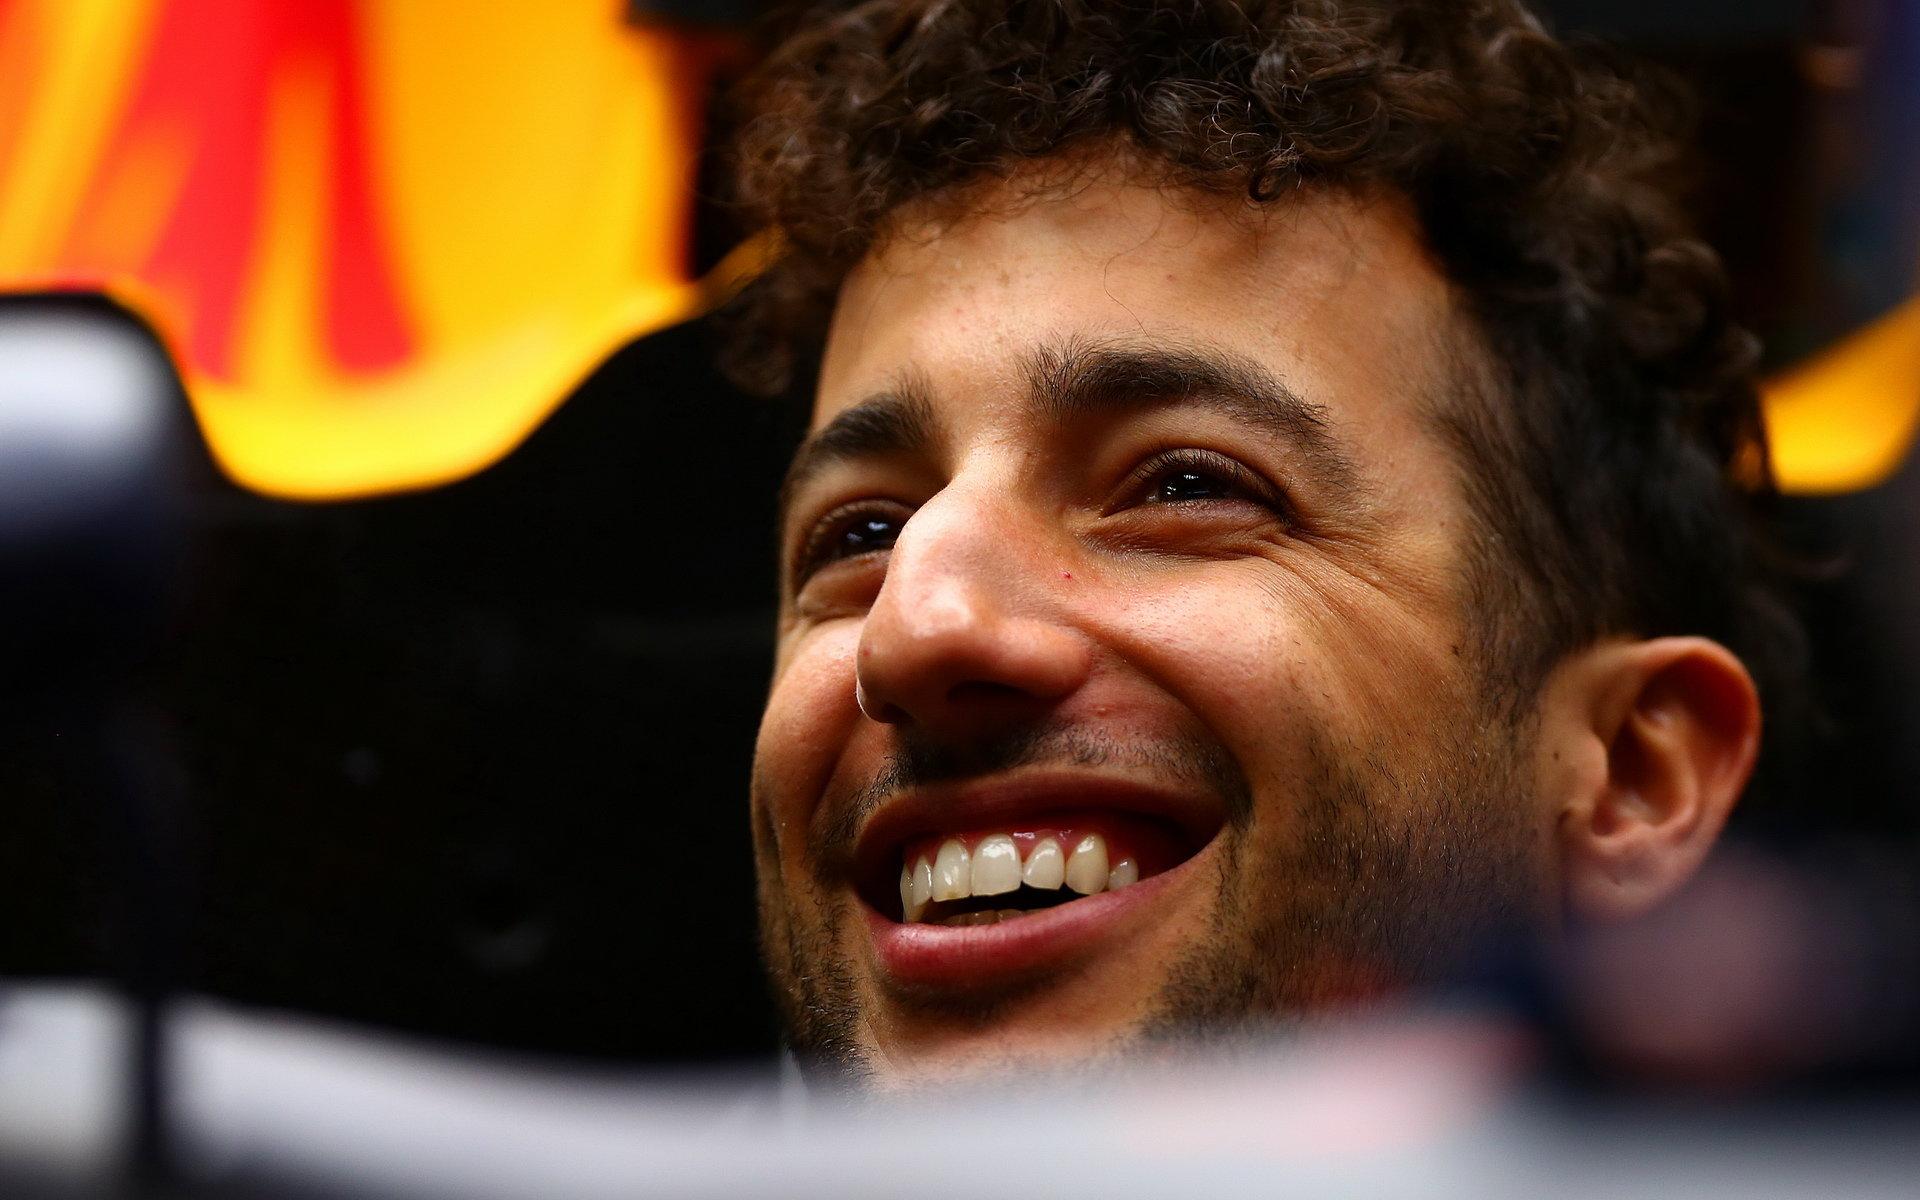 Red Bull vybral Ricciarda, který v Monaku použije vylepšený motor Renault - anotační obrázek